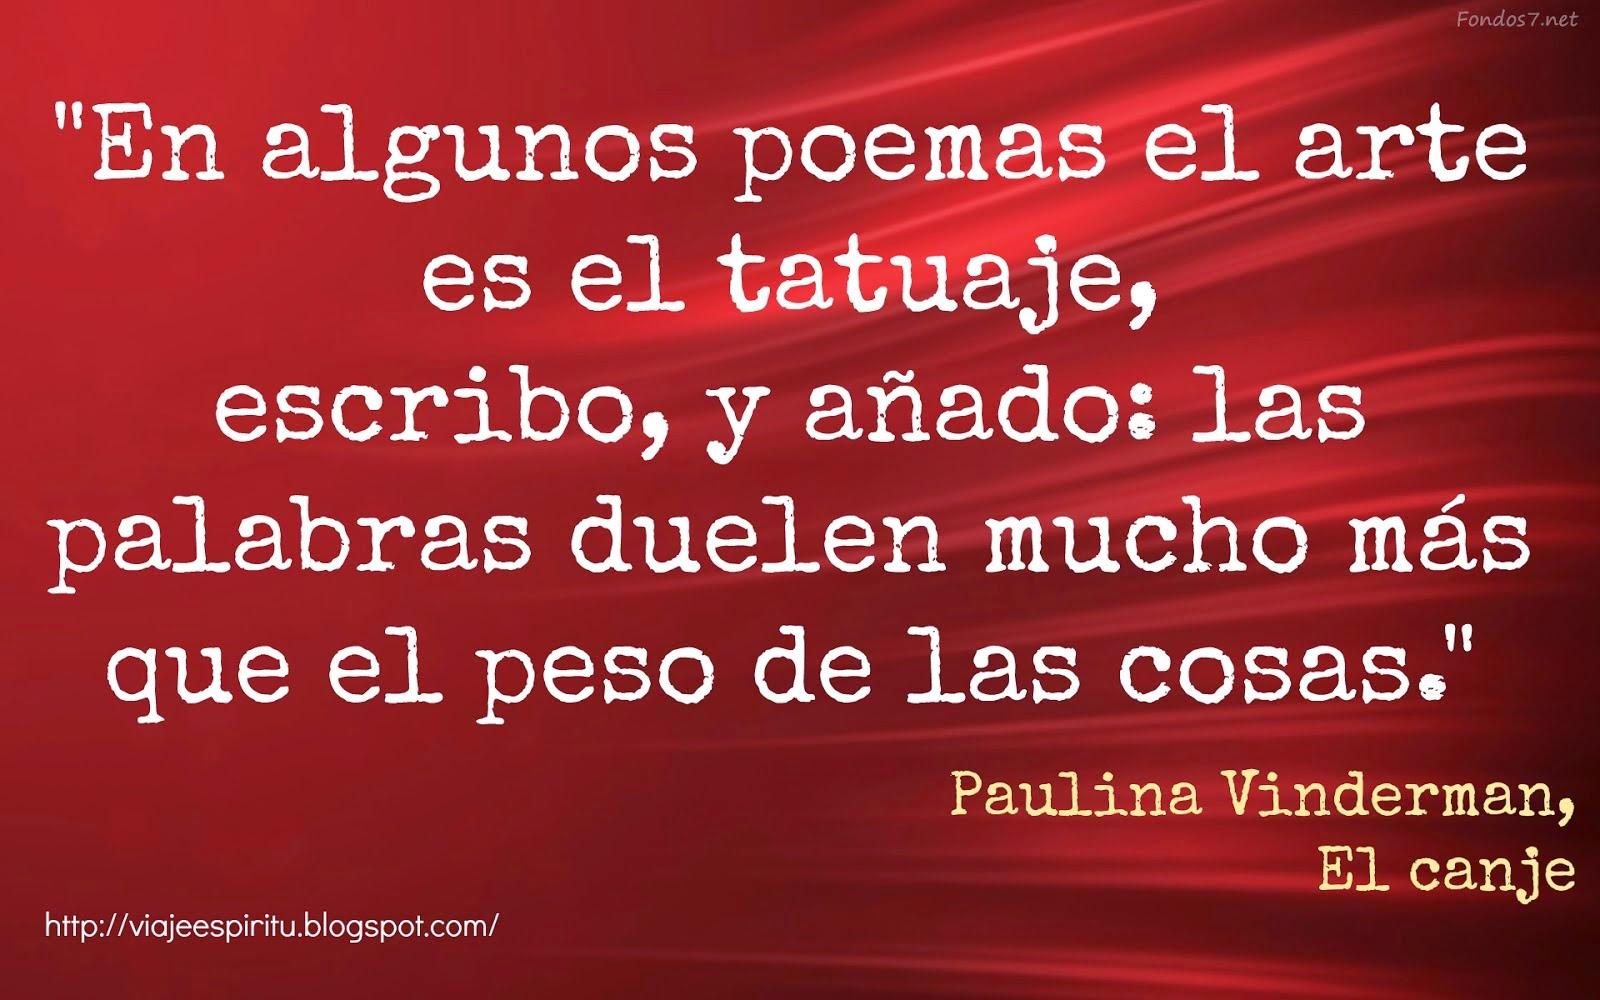 Paulina Vinderman - El canje